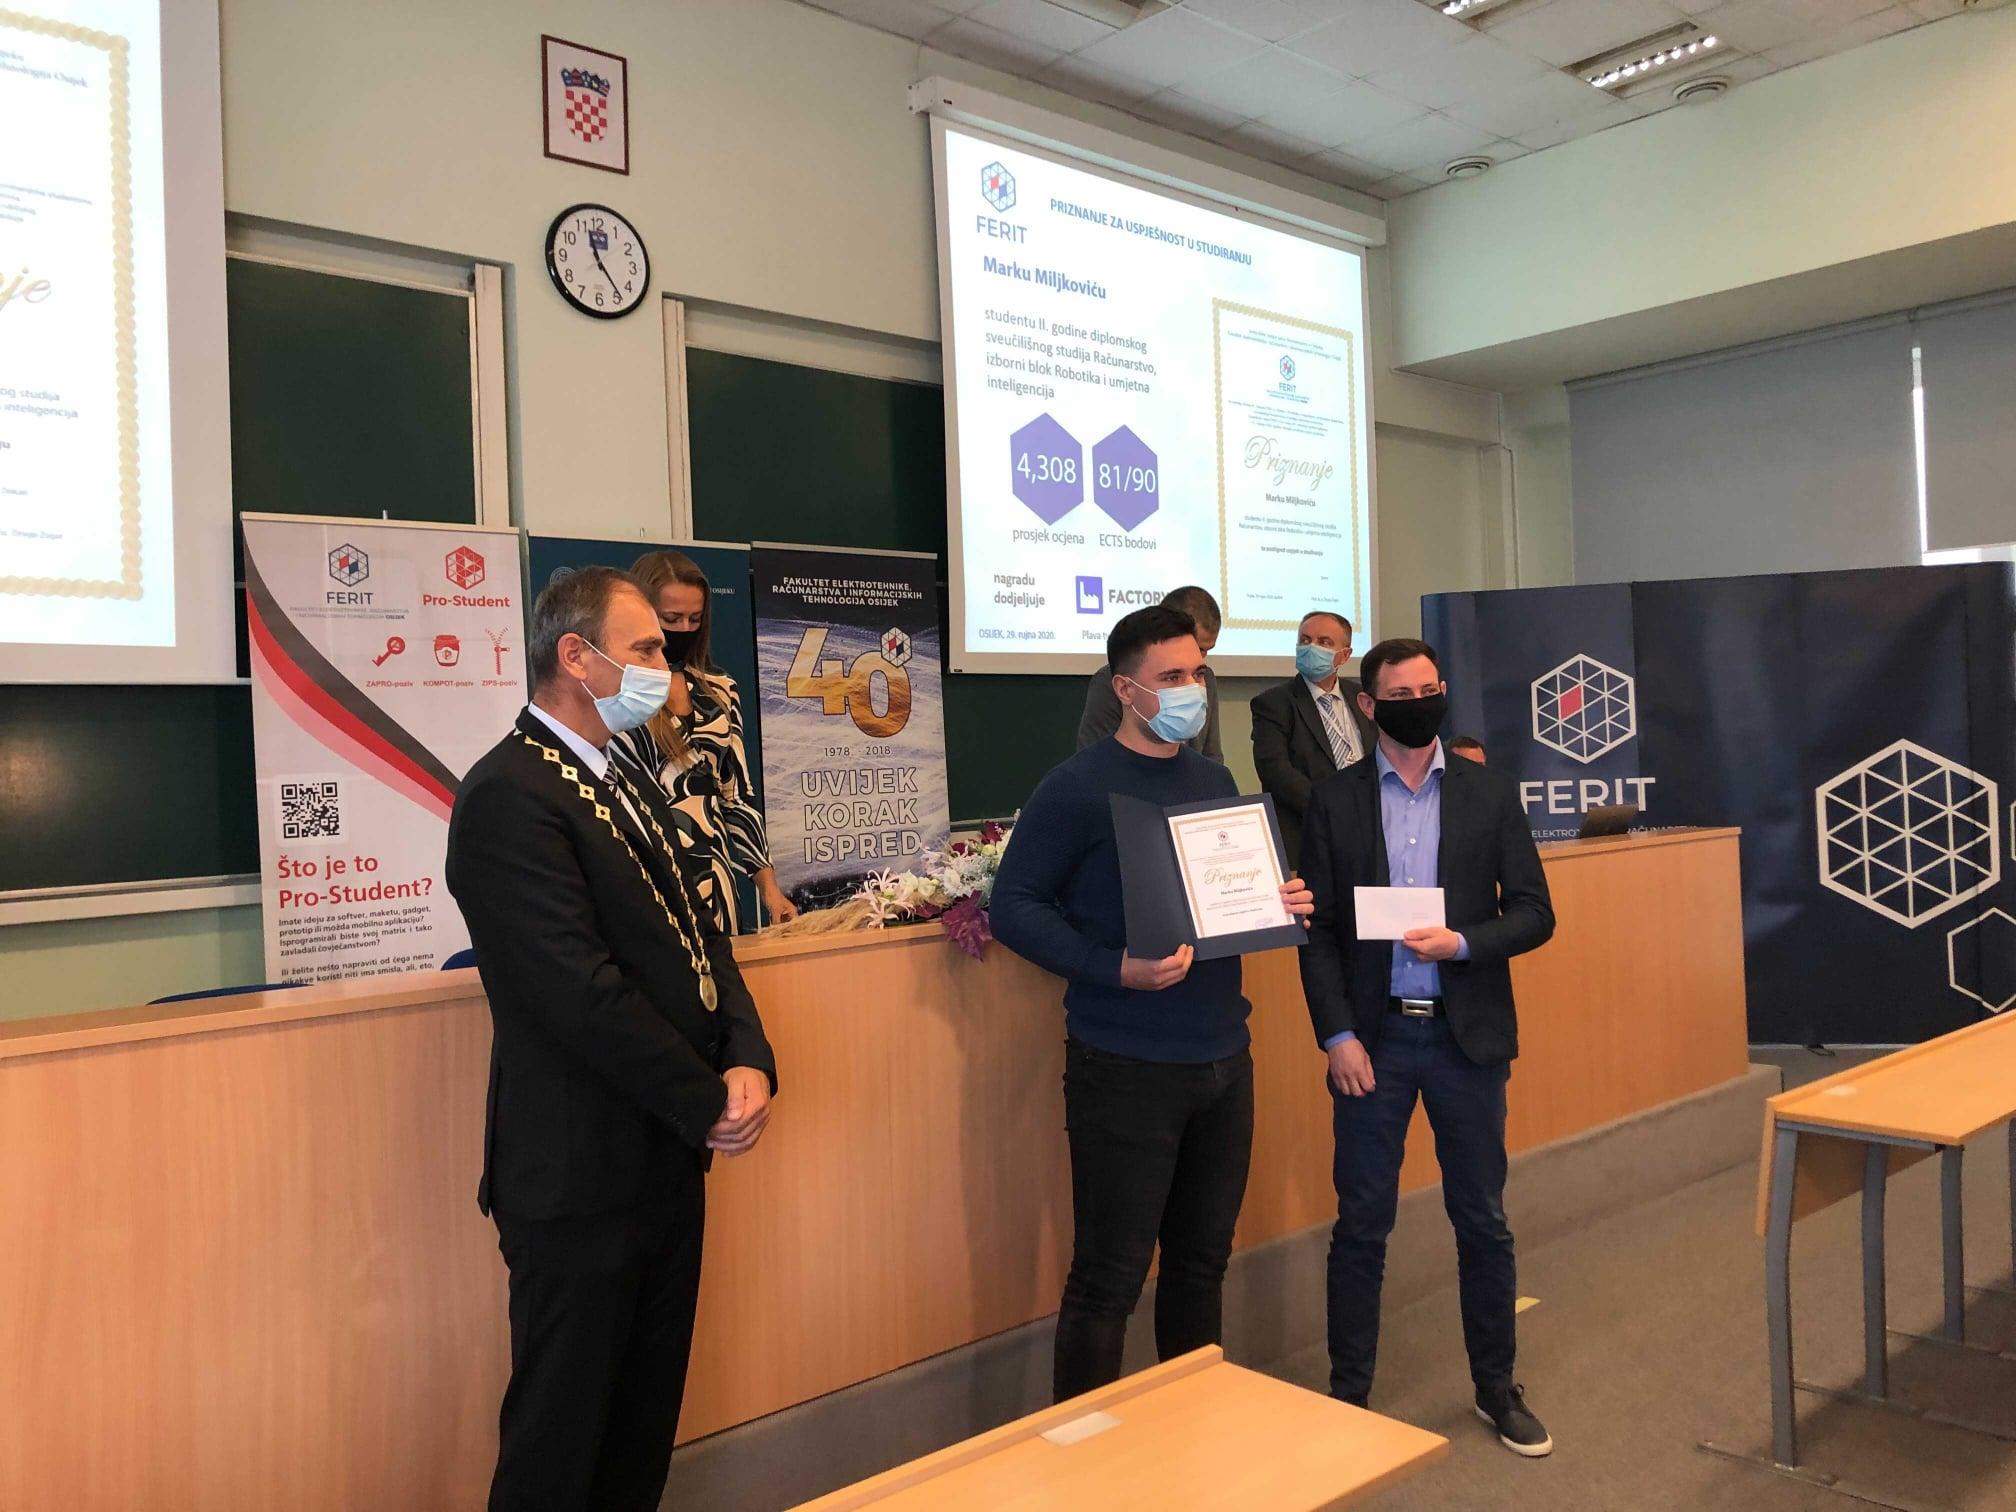 Factory sudjeluje na danu fakulteta FERIT - nagrađivanje studenata za iznimnu uspješnost